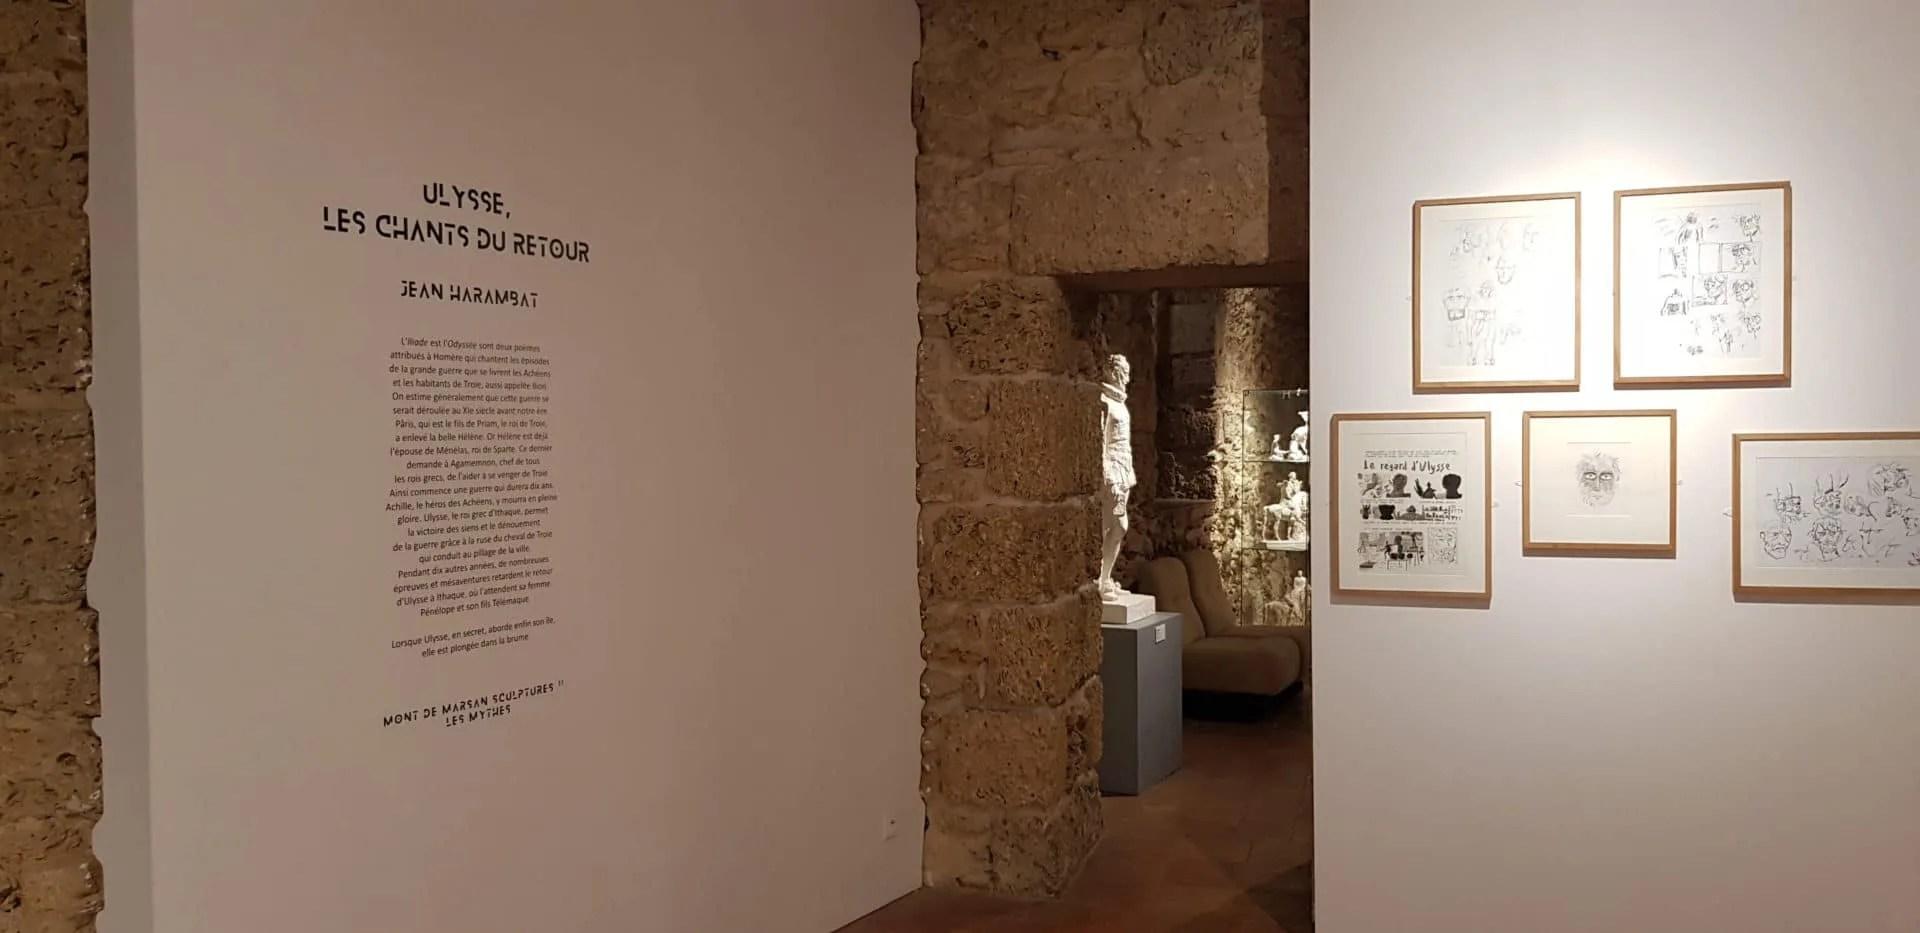 Texte découpé et collé dans la salle des arts graphique du musée despiau wlérick